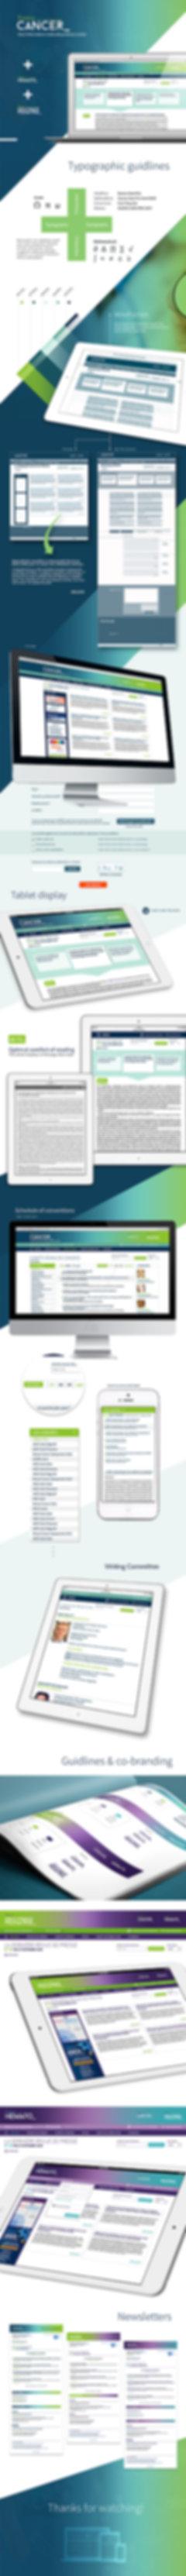 France Cancer - Web design